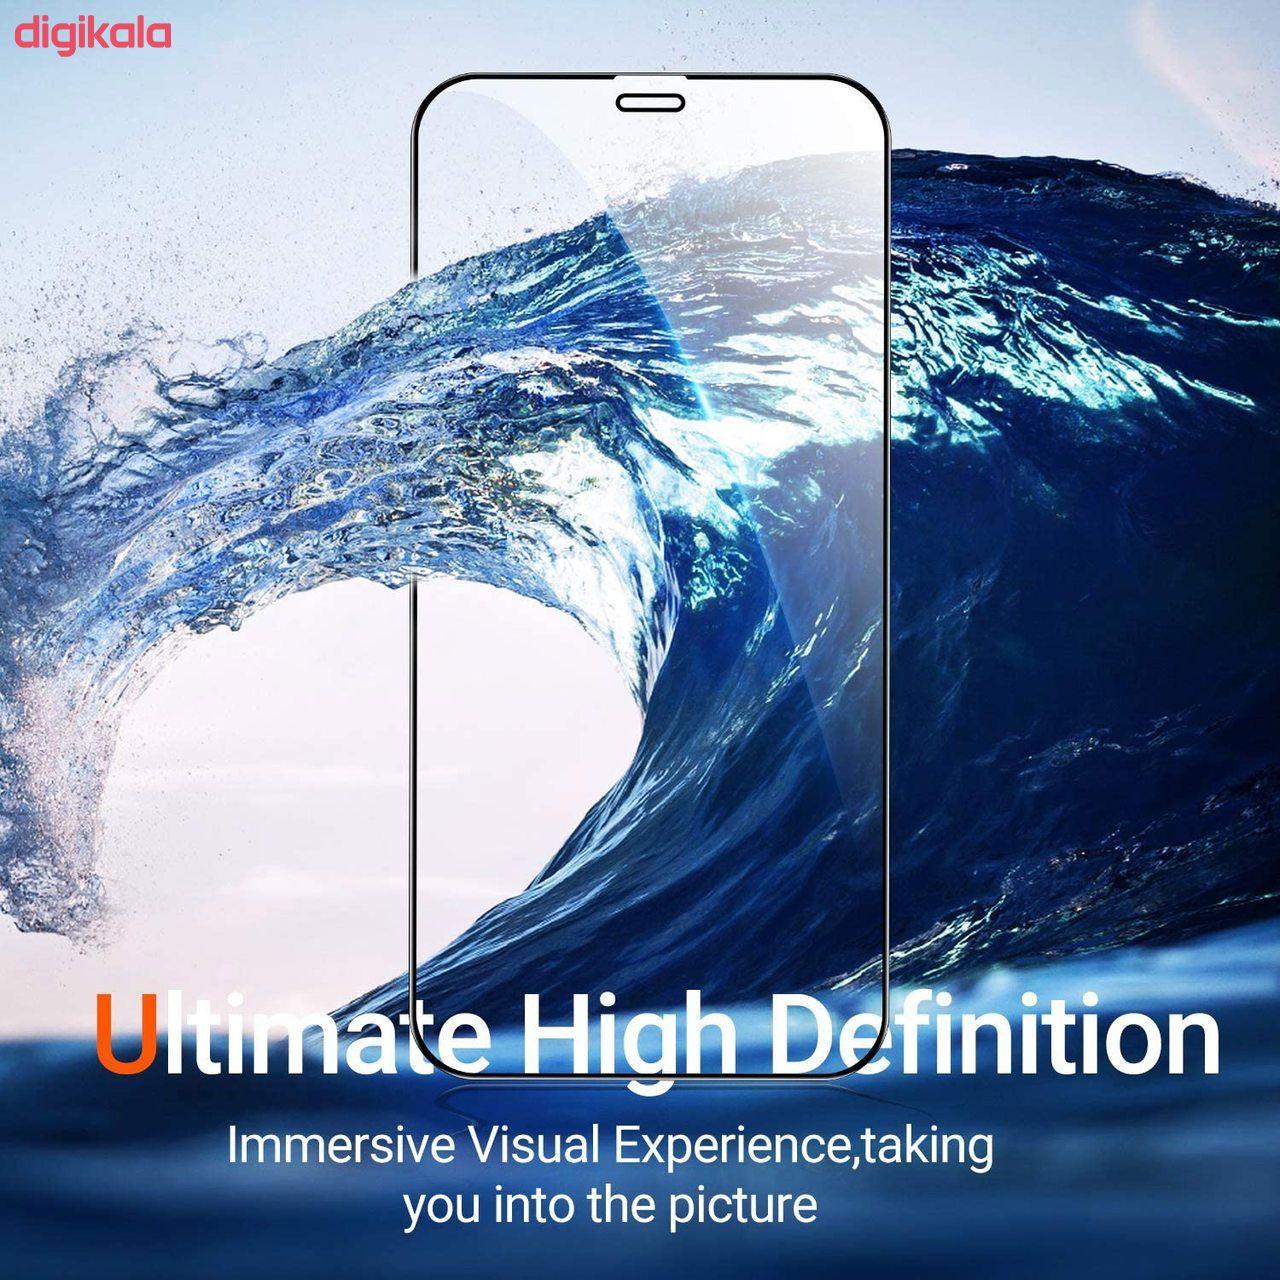 محافظ صفحه نمایش مدل FCG مناسب برای گوشی موبایل اپل iPhone 12 mini بسته دو عددی main 1 13